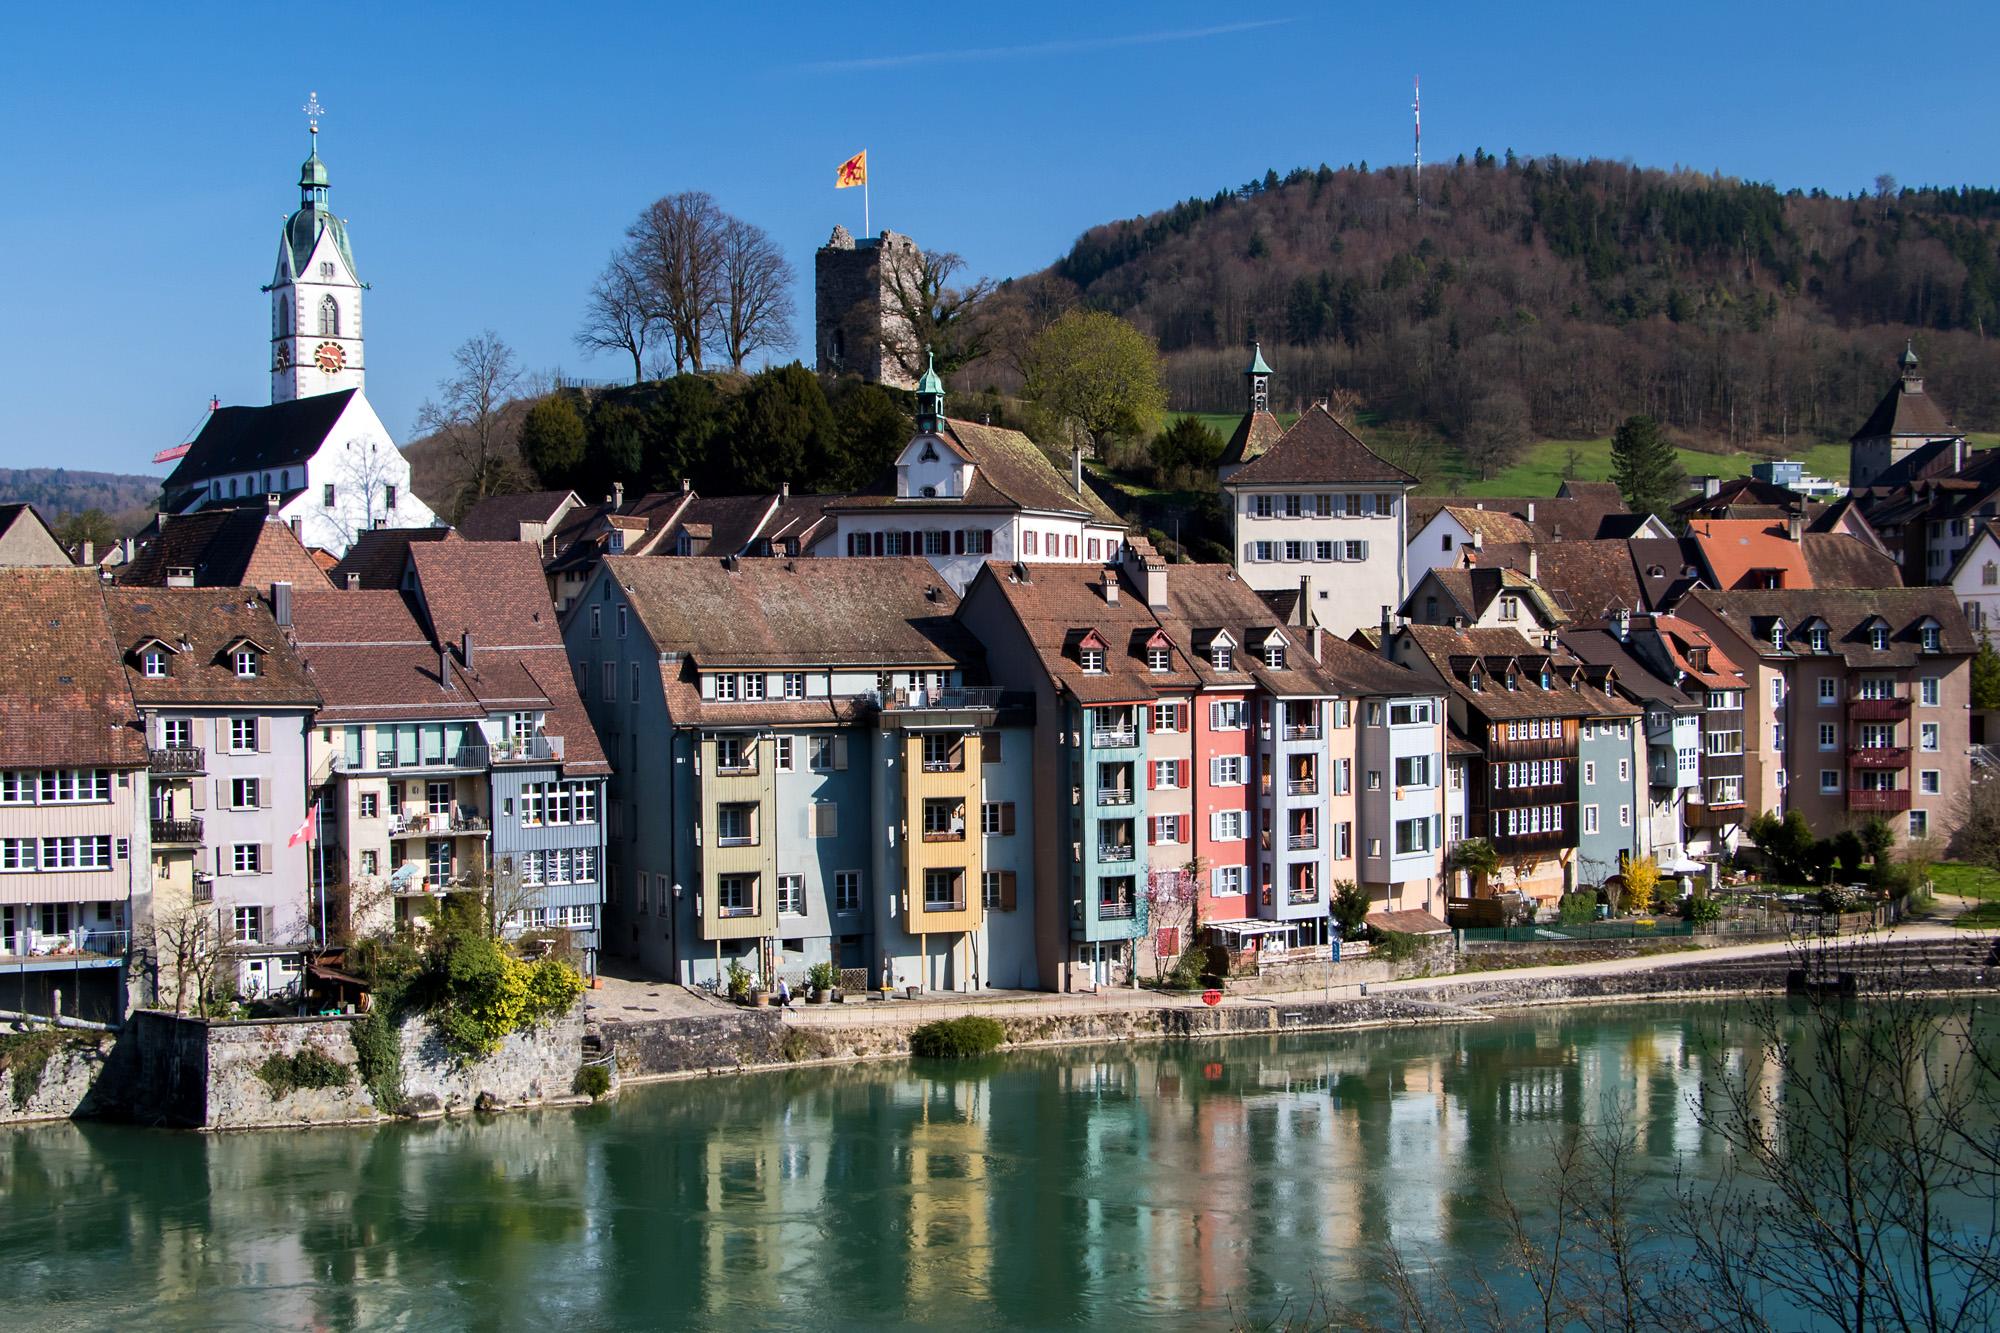 Blick auf den Schweizer Teil Laufenburgs, gut sichtbar die Ruine des Habsburger-Turms sowie die Stadtkirche, erbaut im 15. Jahrhundert